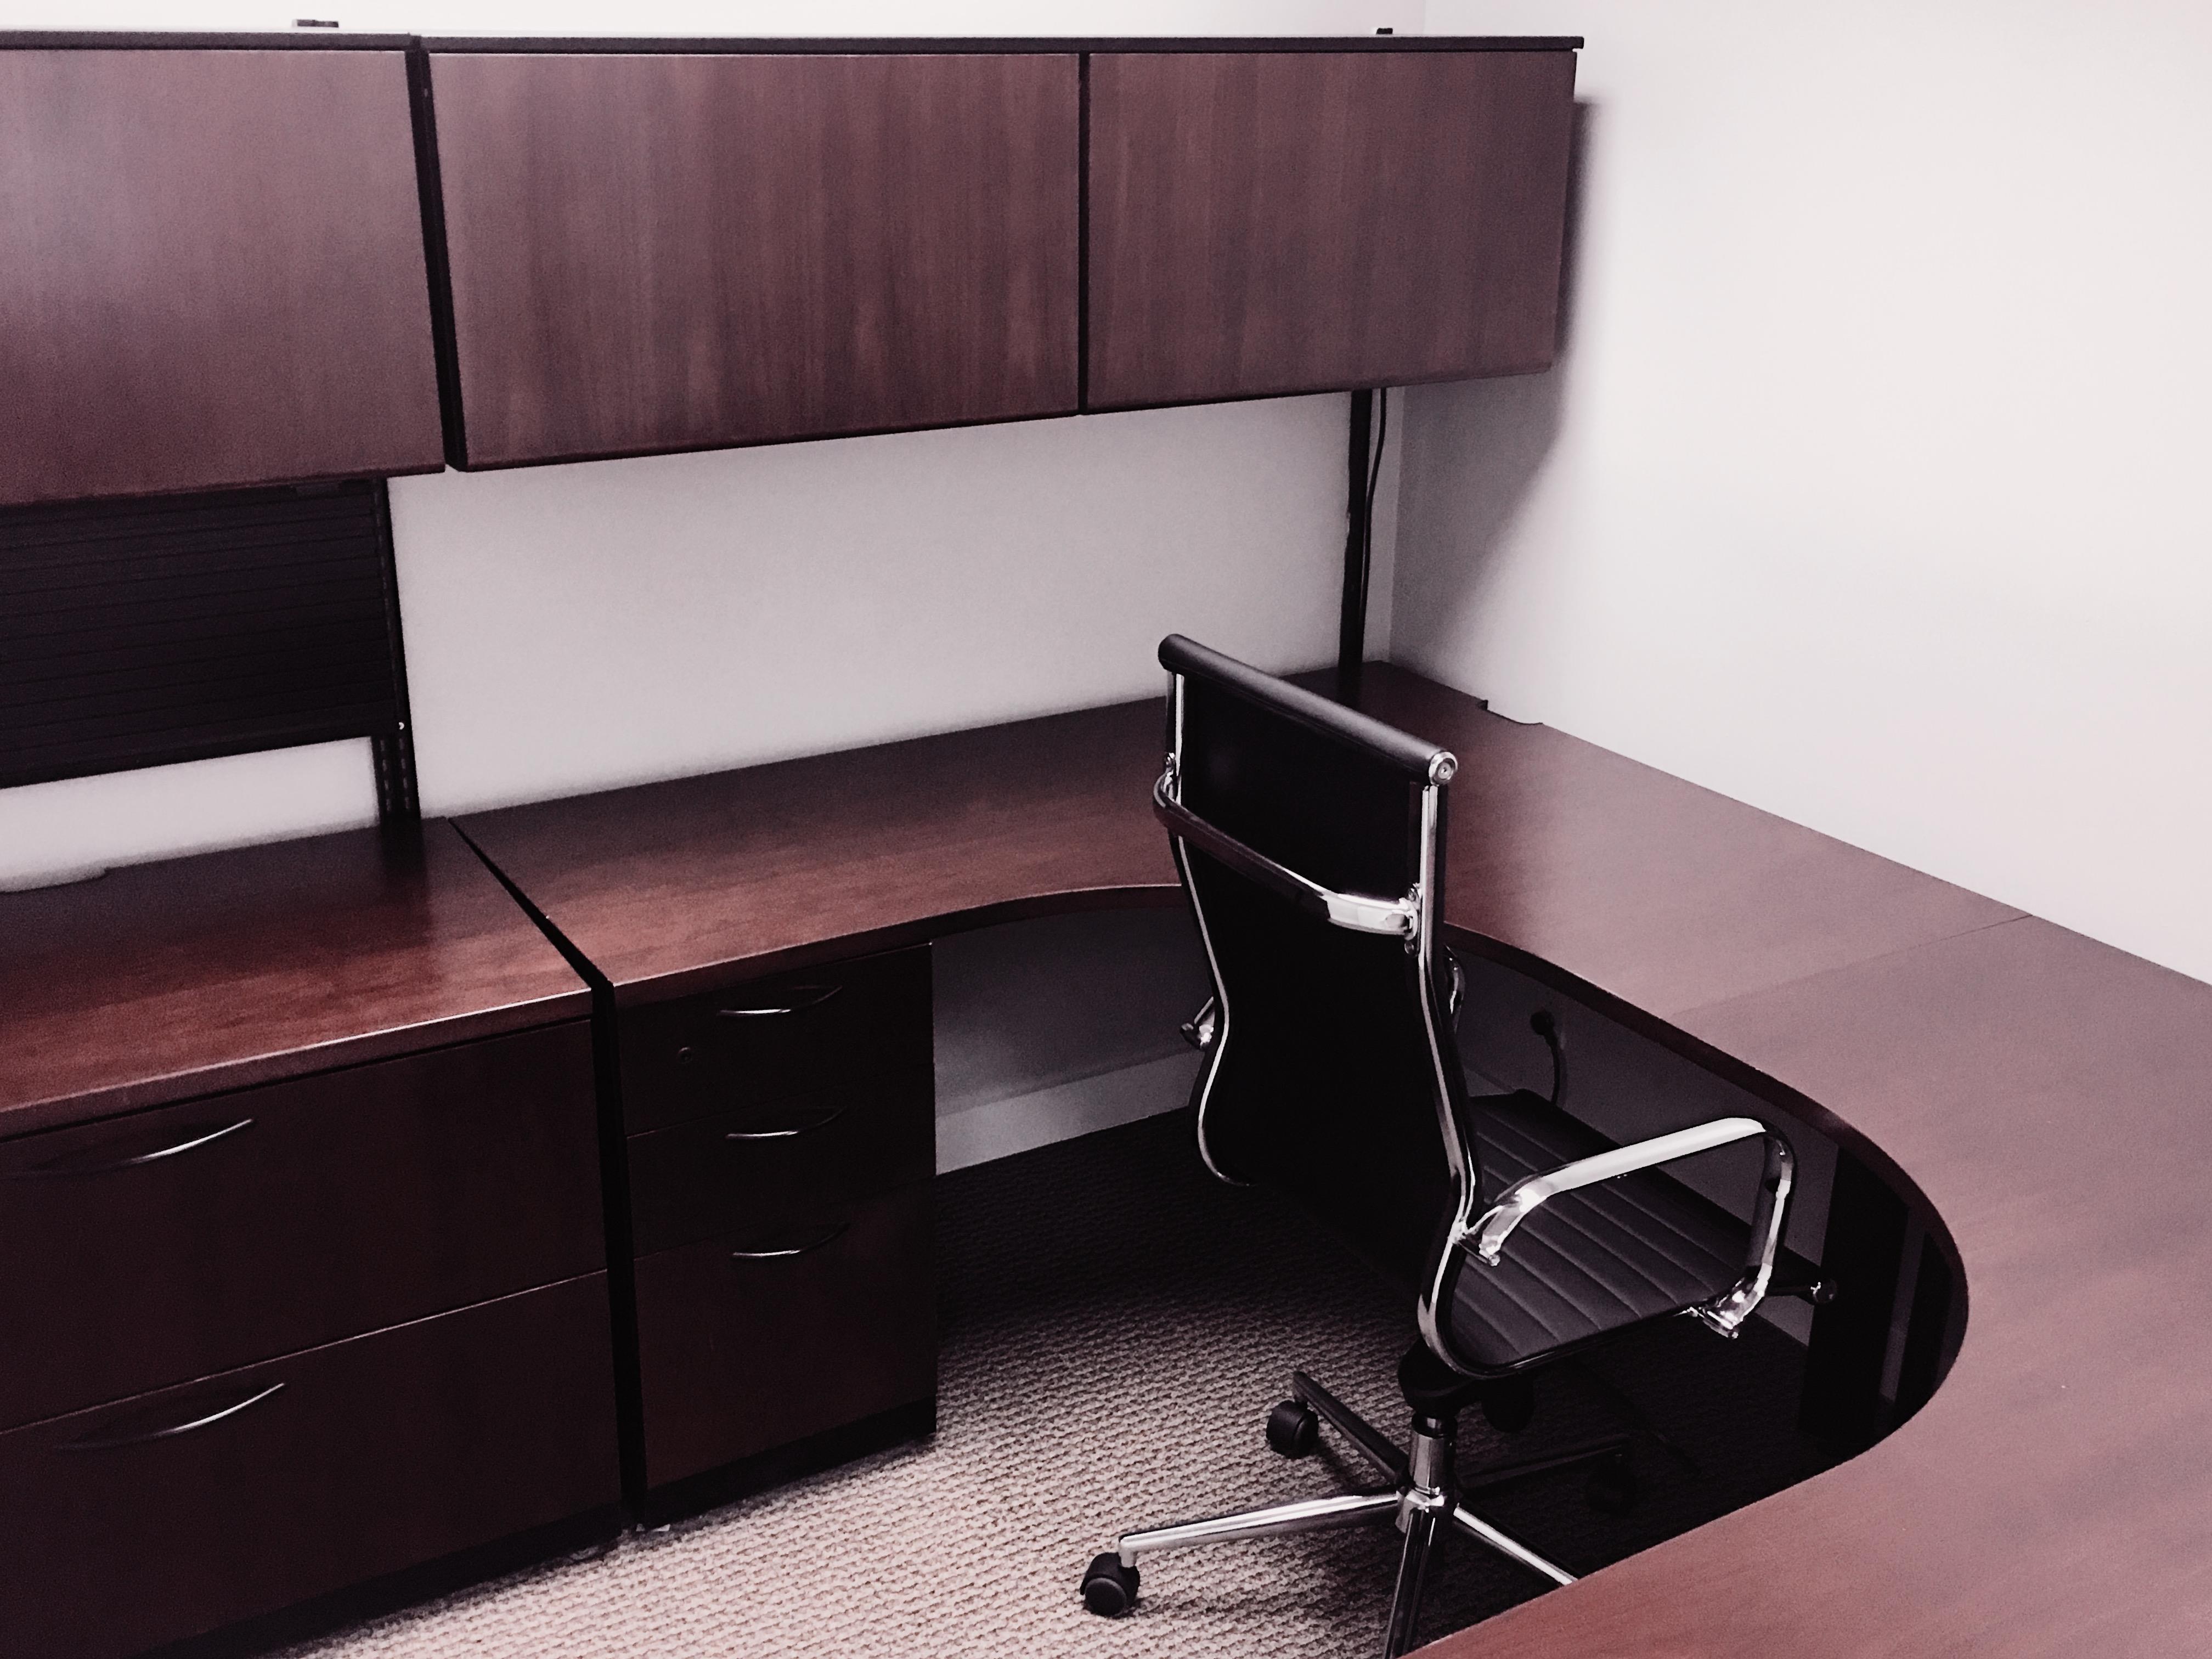 La Mirada Executive Suites - Office 8